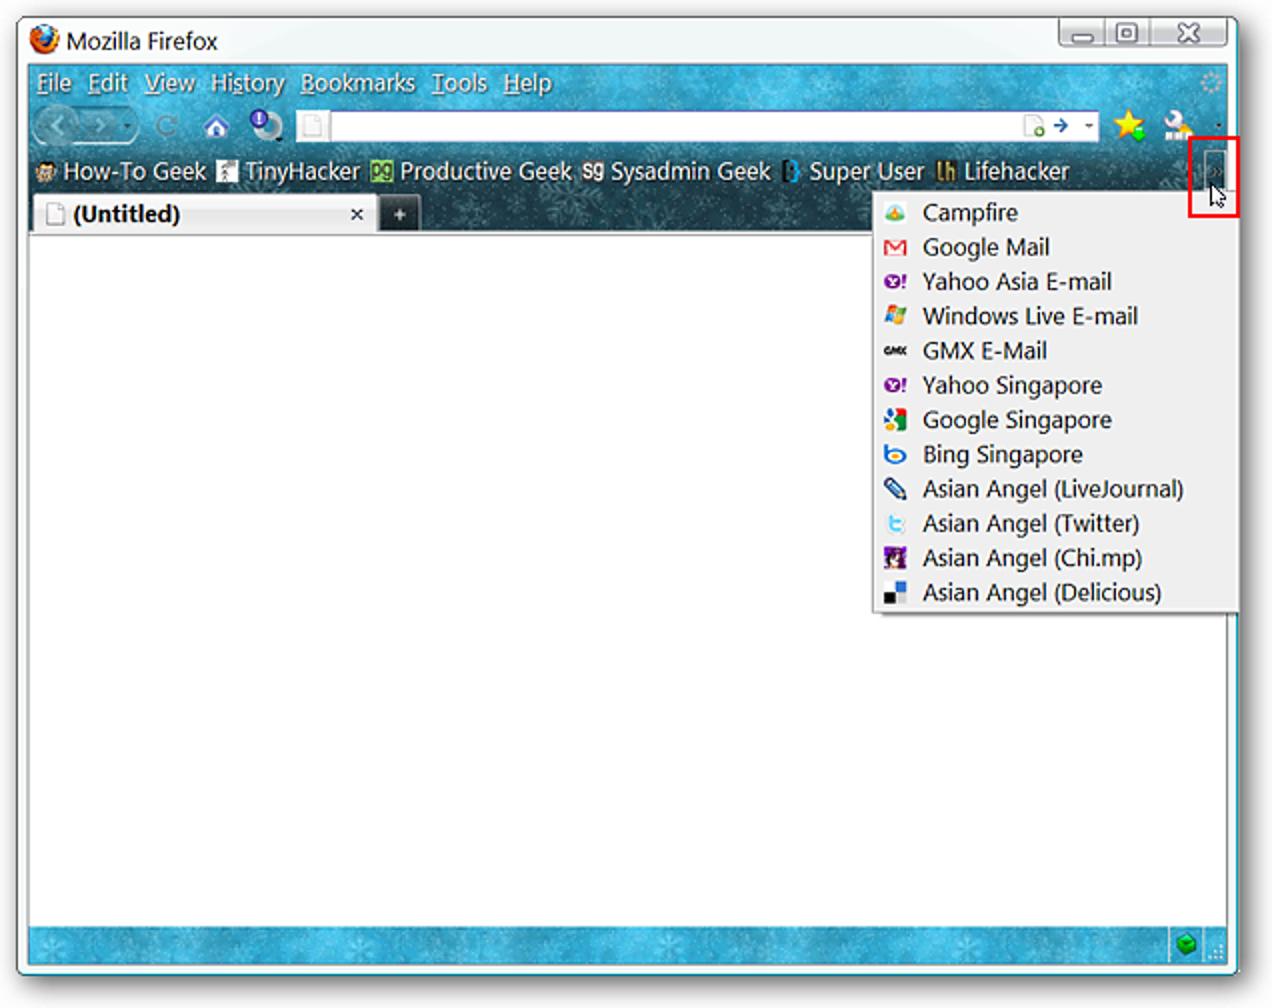 Verdichten Sie die Lesezeichen in der Firefox-Lesezeichen-Symbolleiste